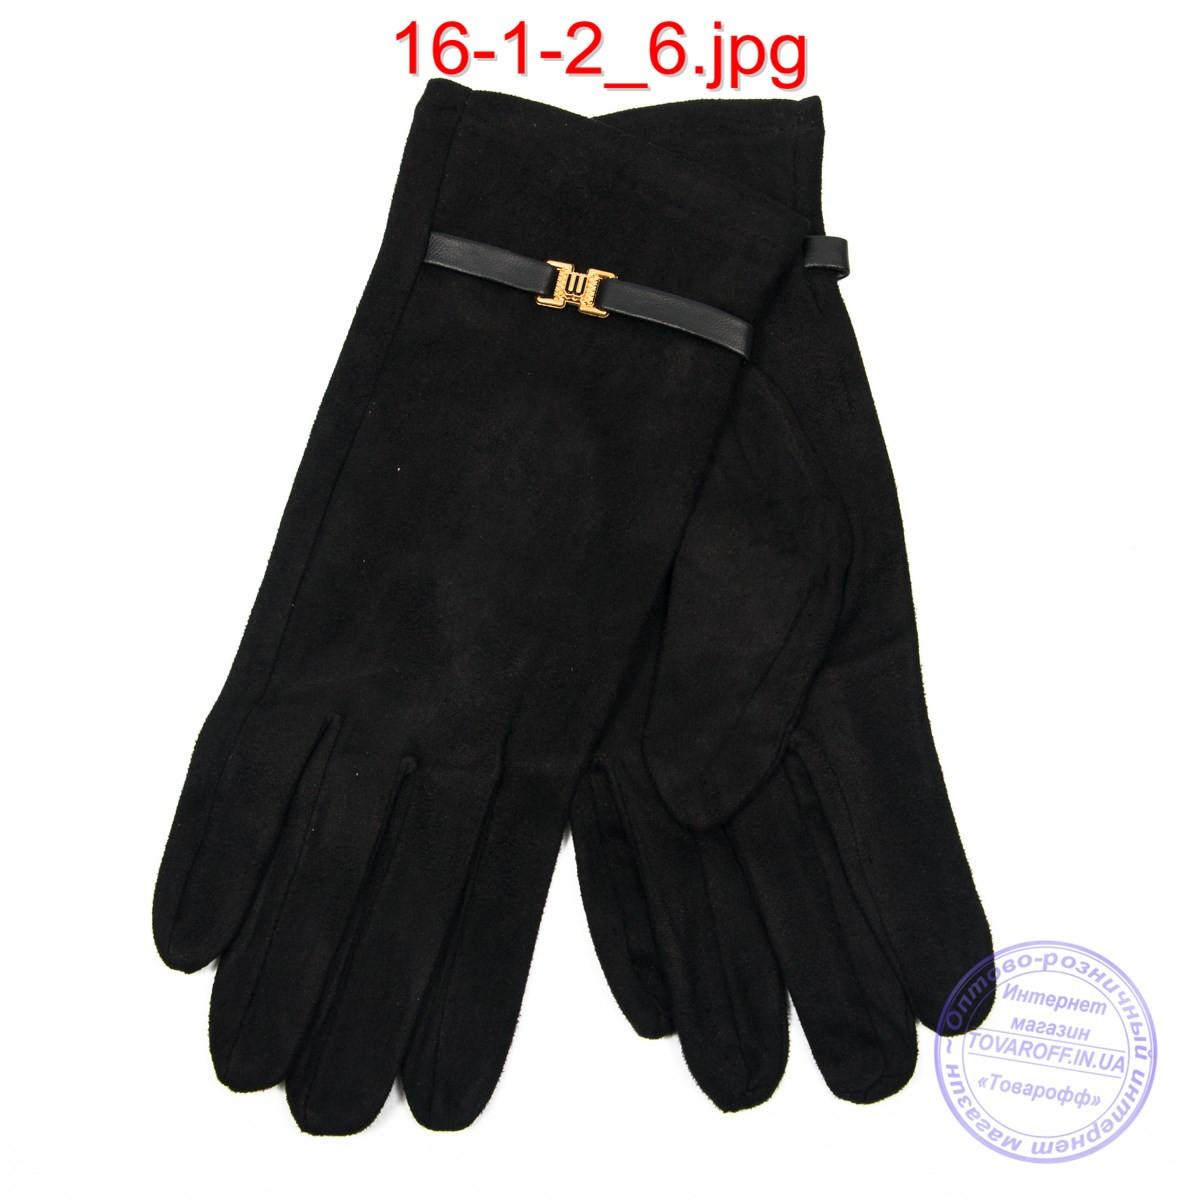 Оптом жіночі велюрові рукавички з плюшевим утеплювачем - №16-1-2